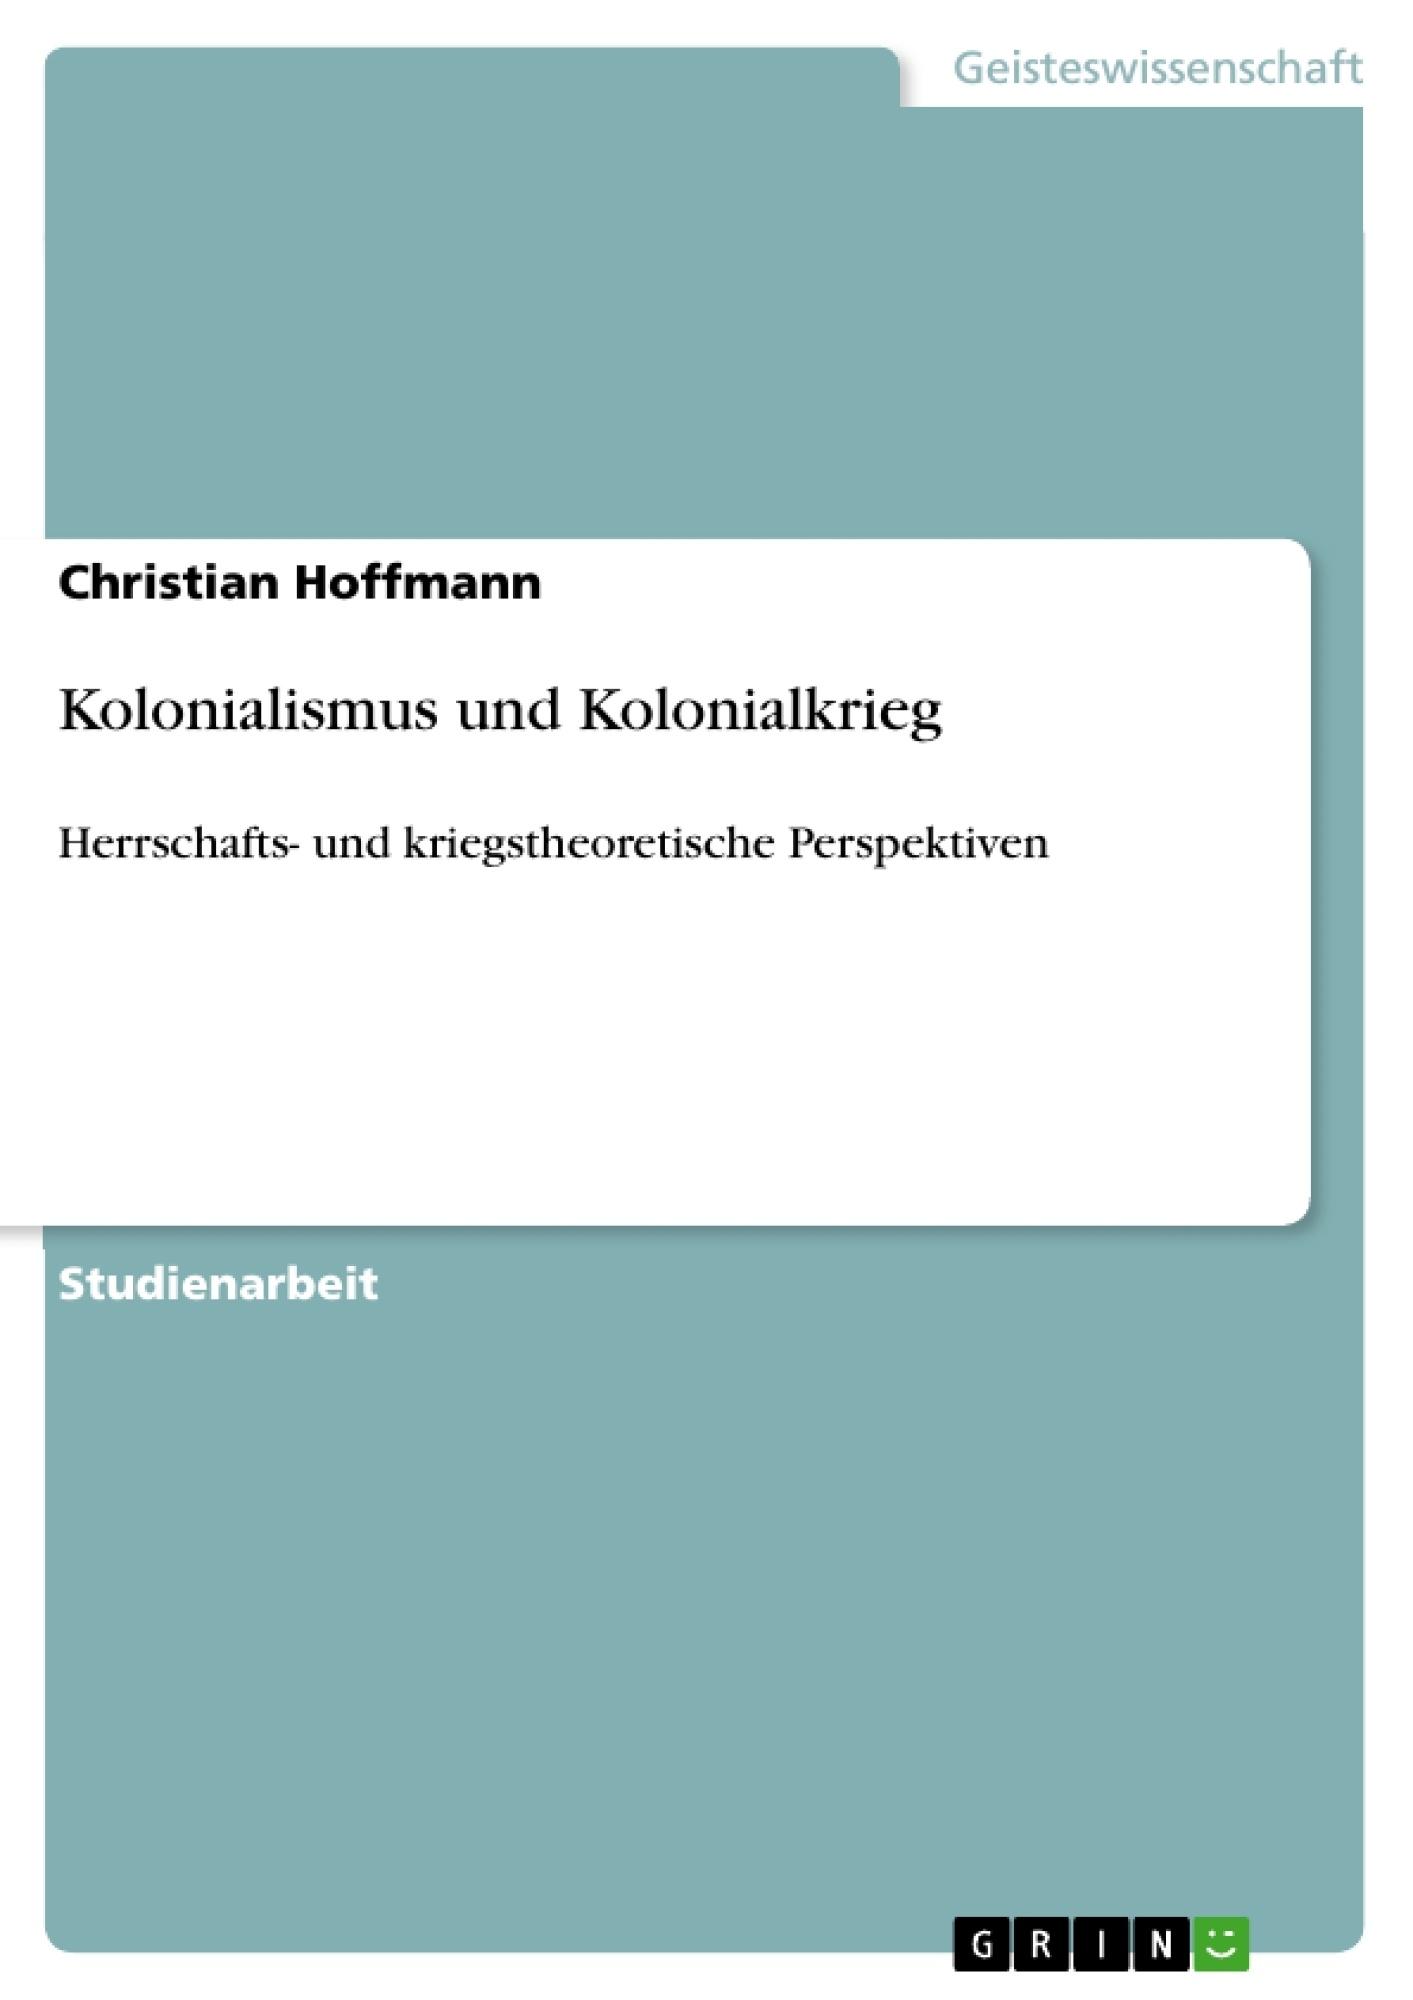 Titel: Kolonialismus und Kolonialkrieg